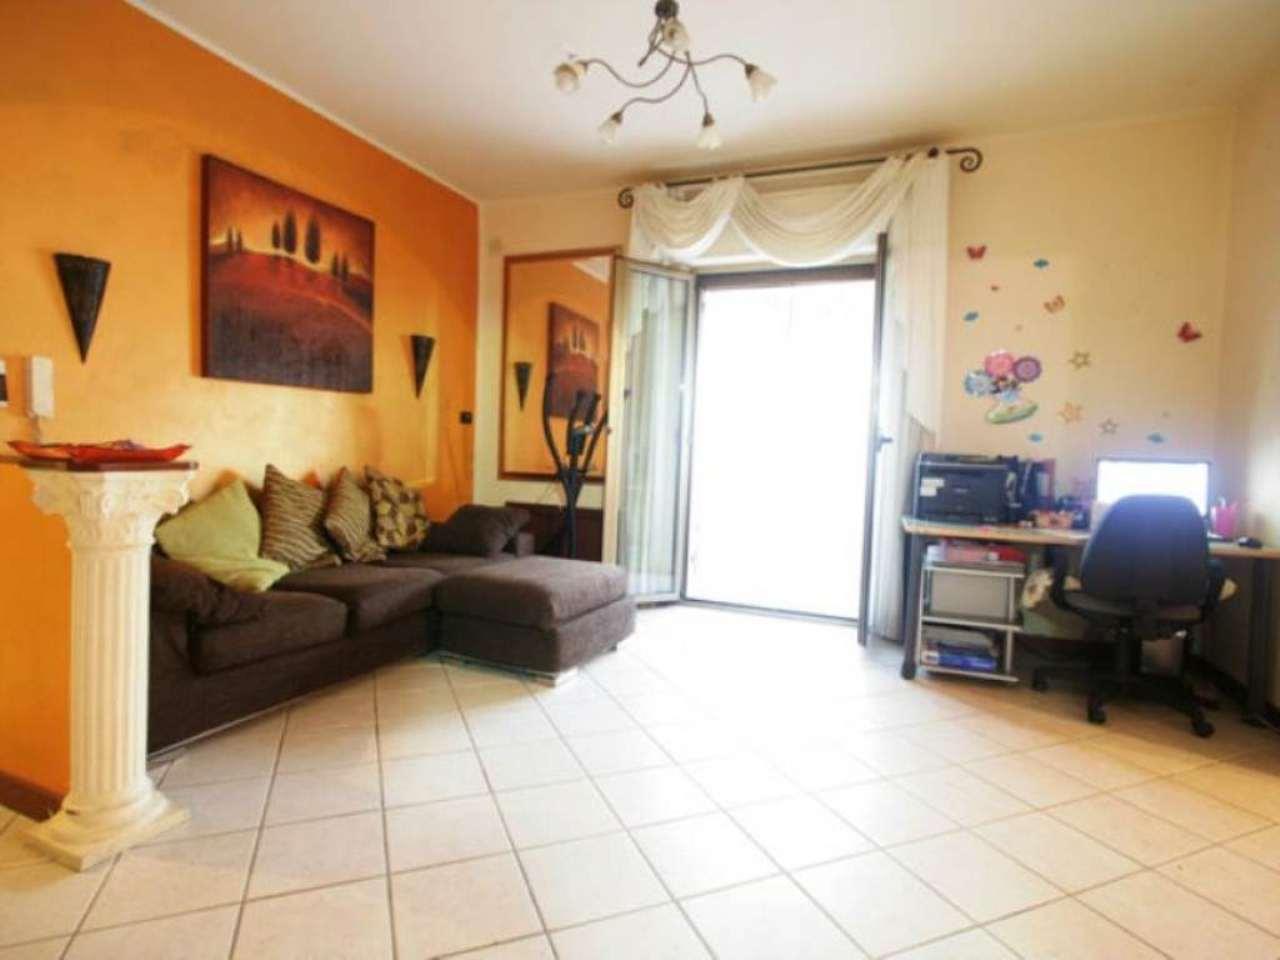 Appartamento in vendita a Potenza Picena, 4 locali, prezzo € 150.000 | CambioCasa.it